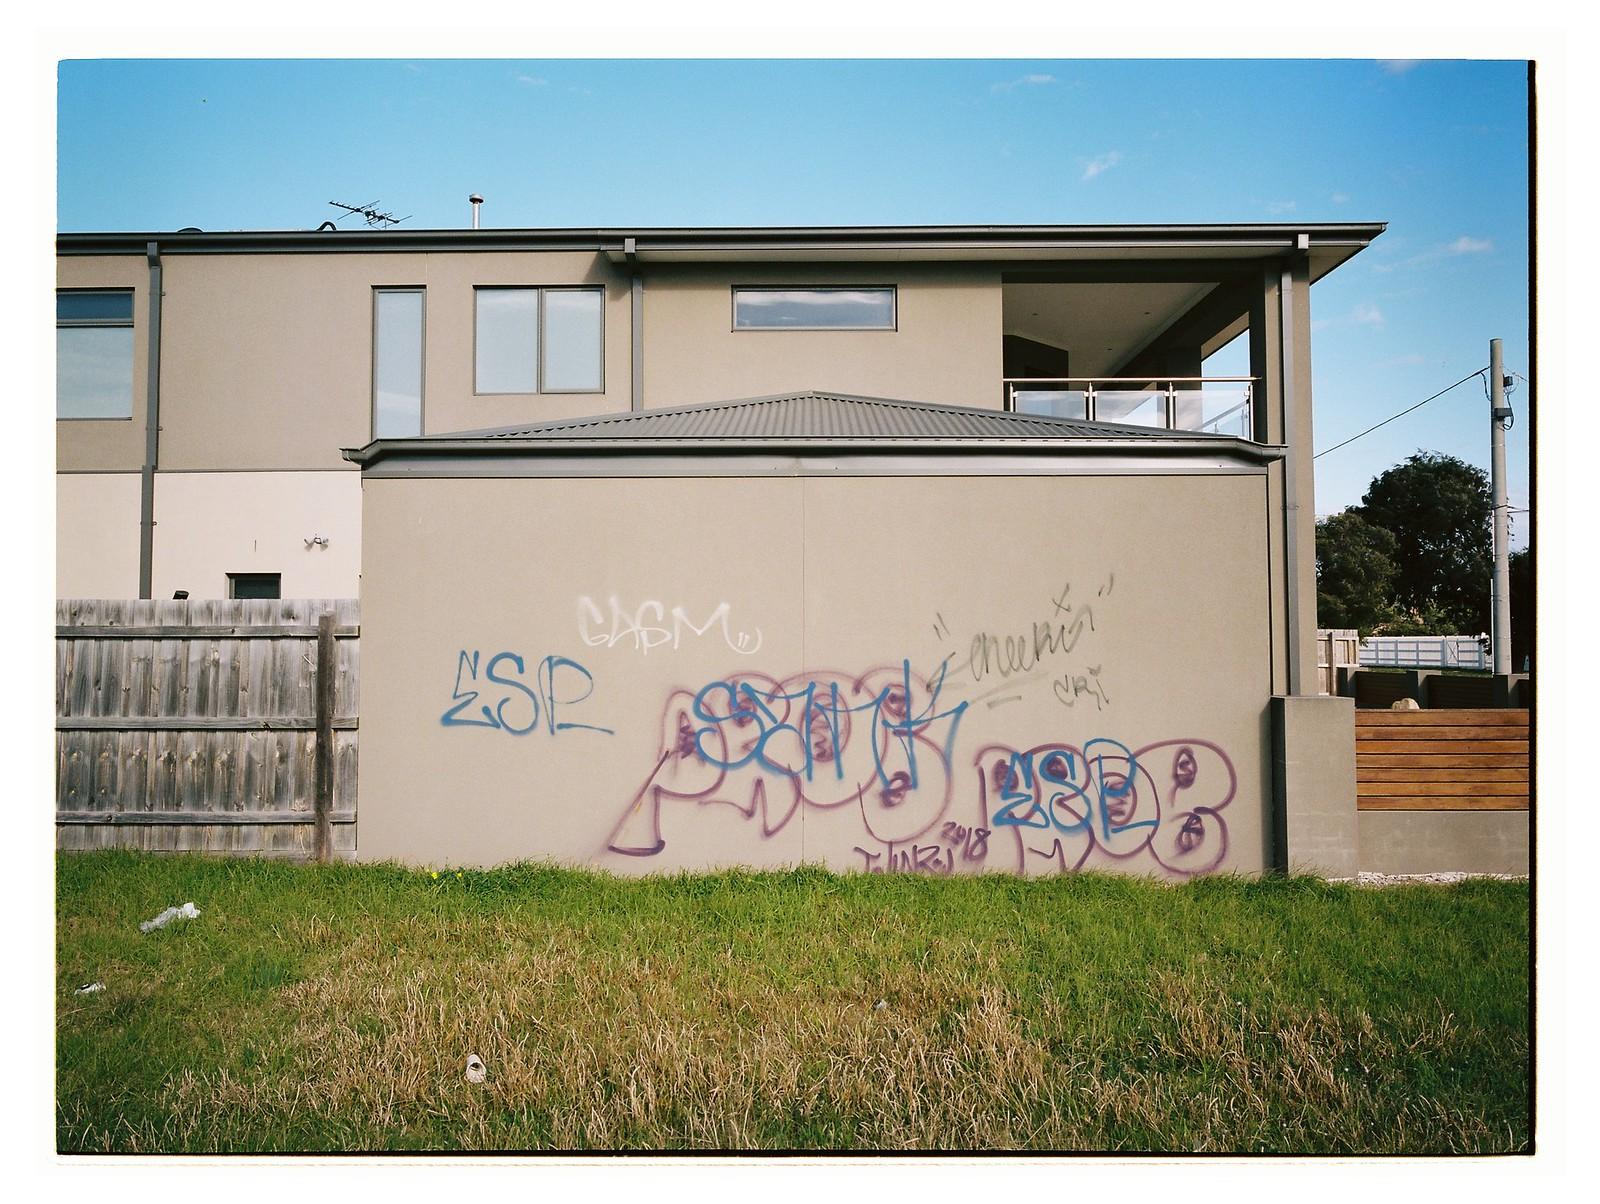 Rye Graffiti ii